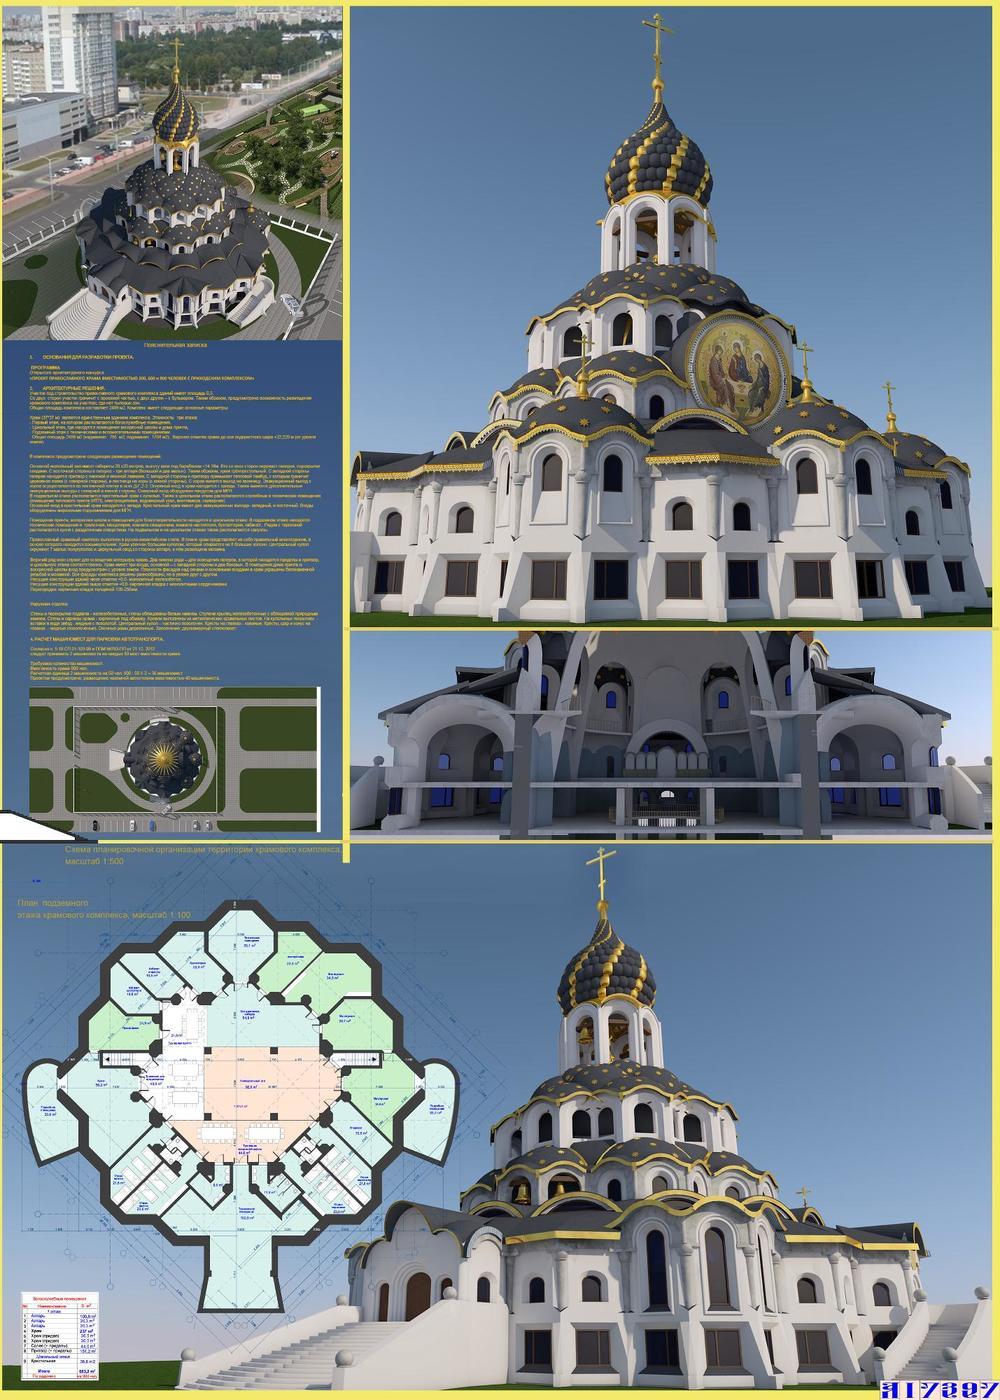 Храм конкурс 2 2 10_thumb.jpg